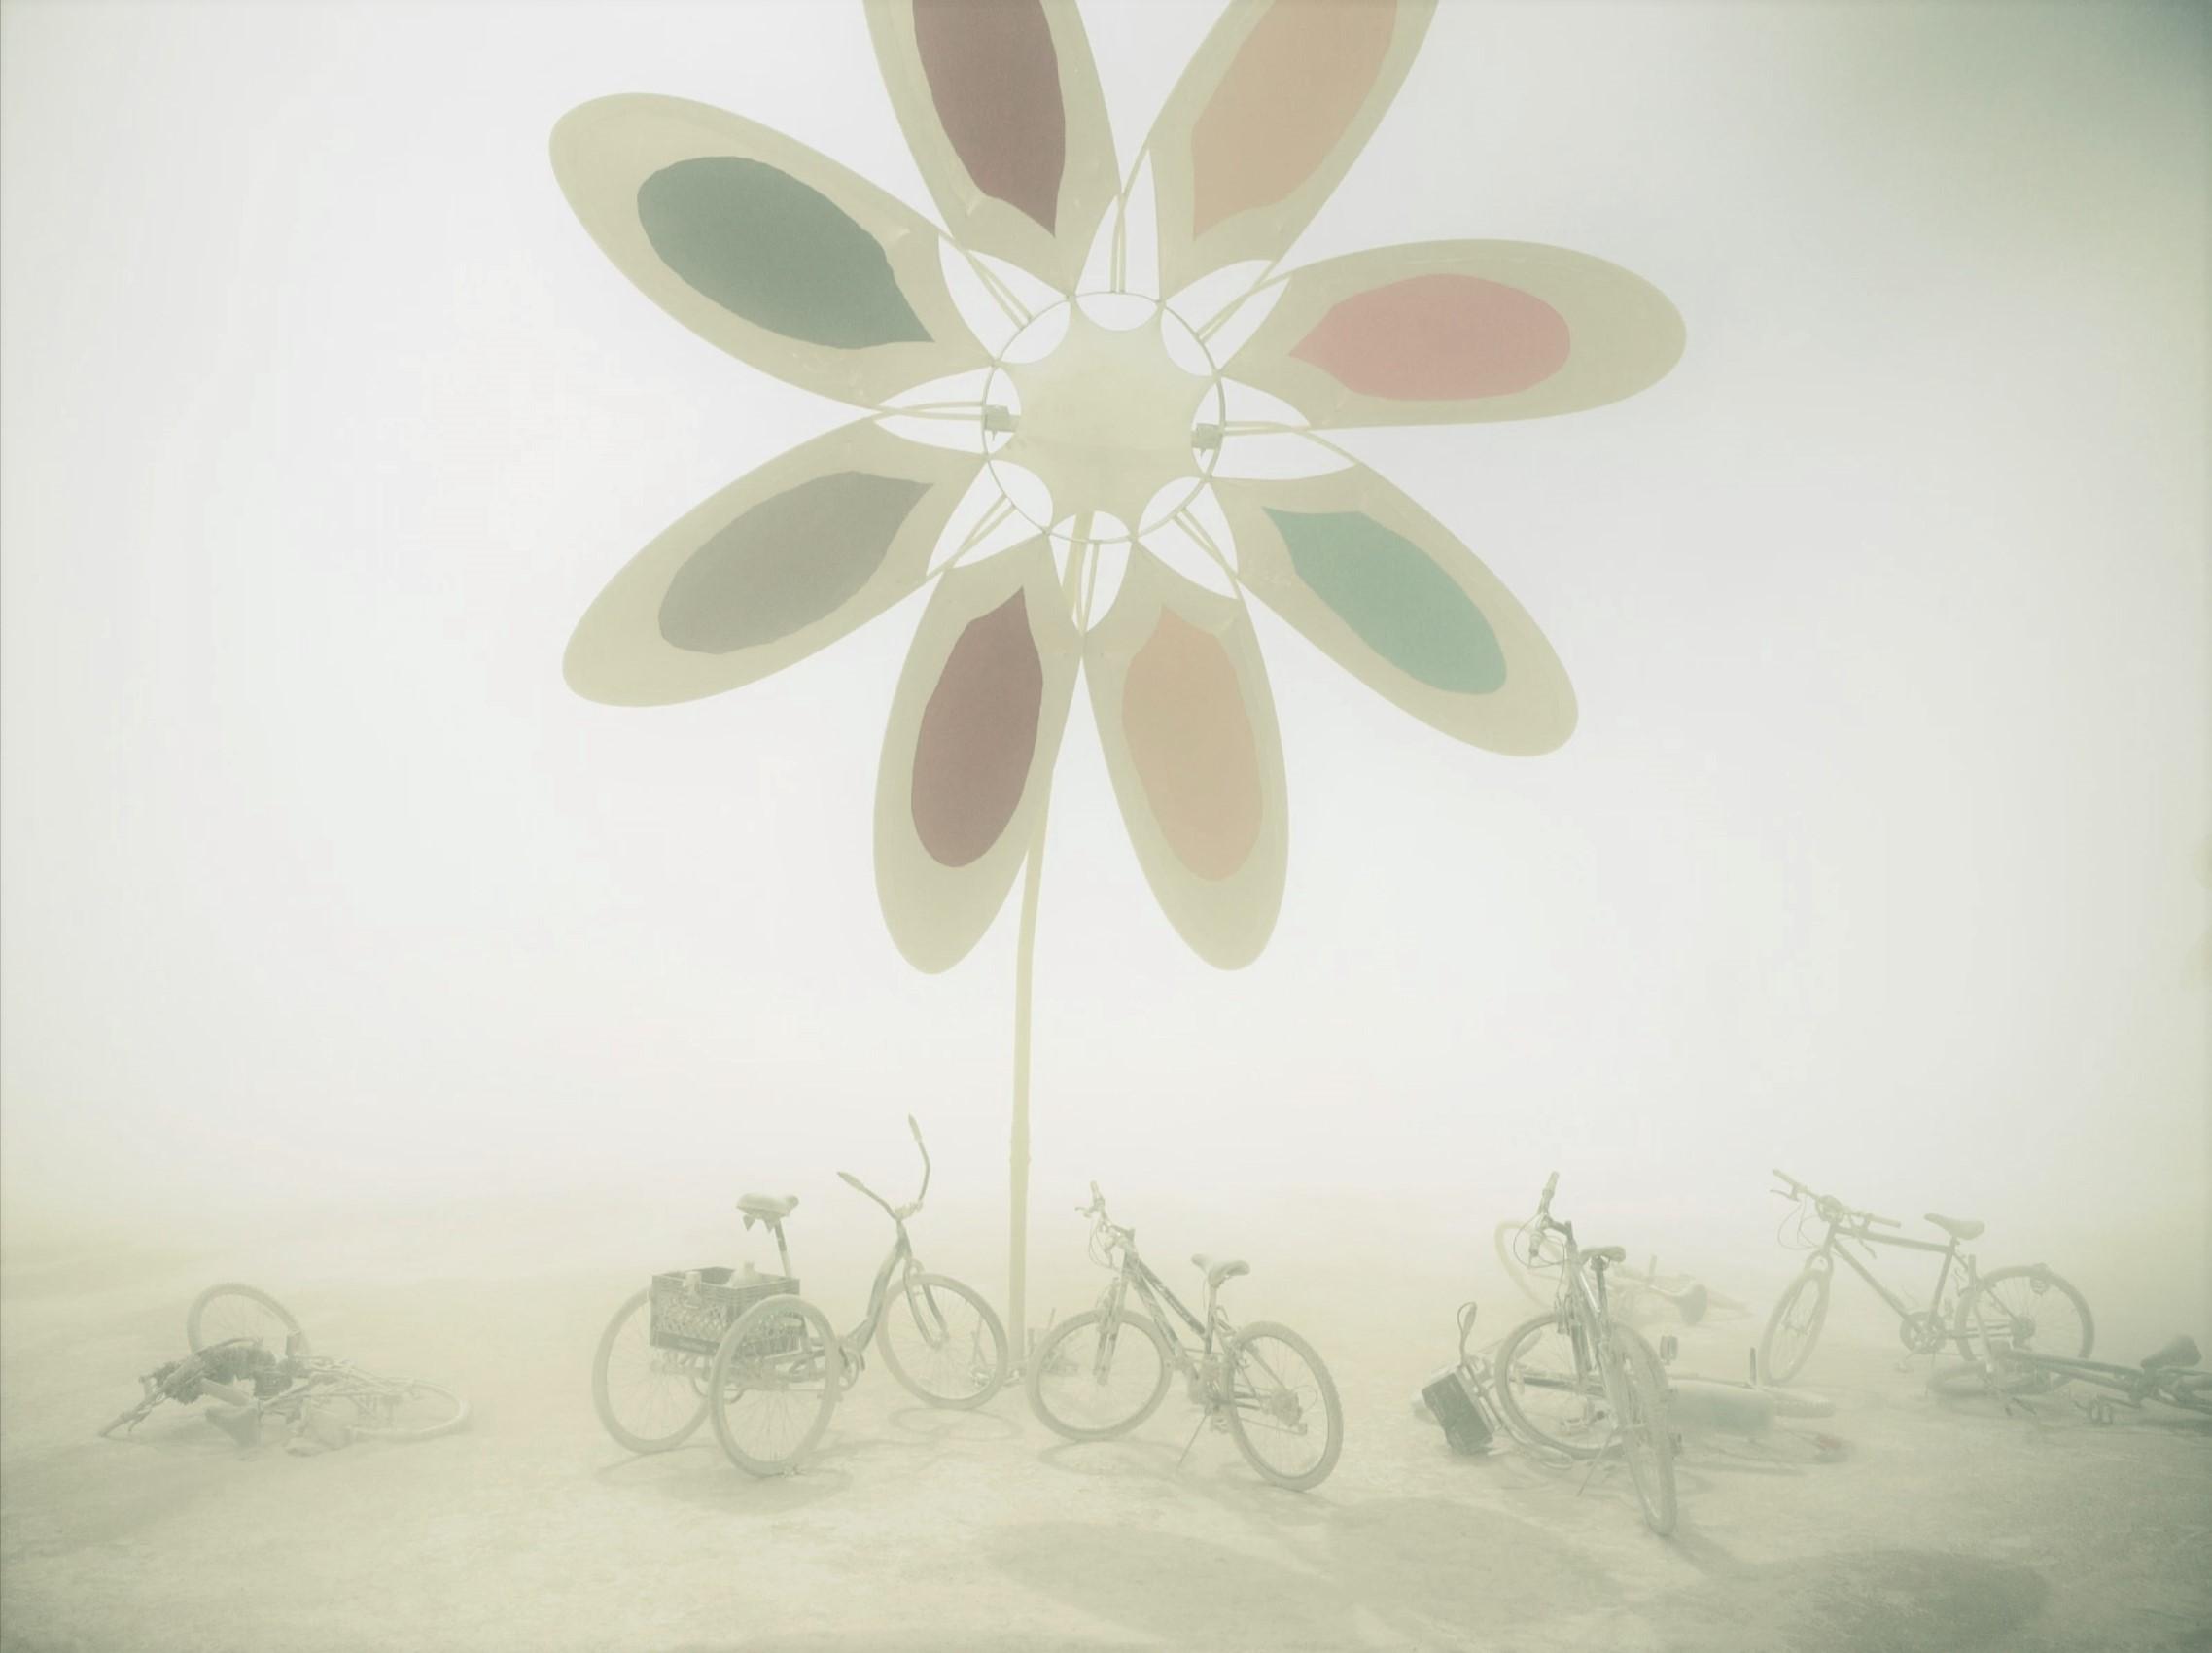 Burning Man 2010 - Leica